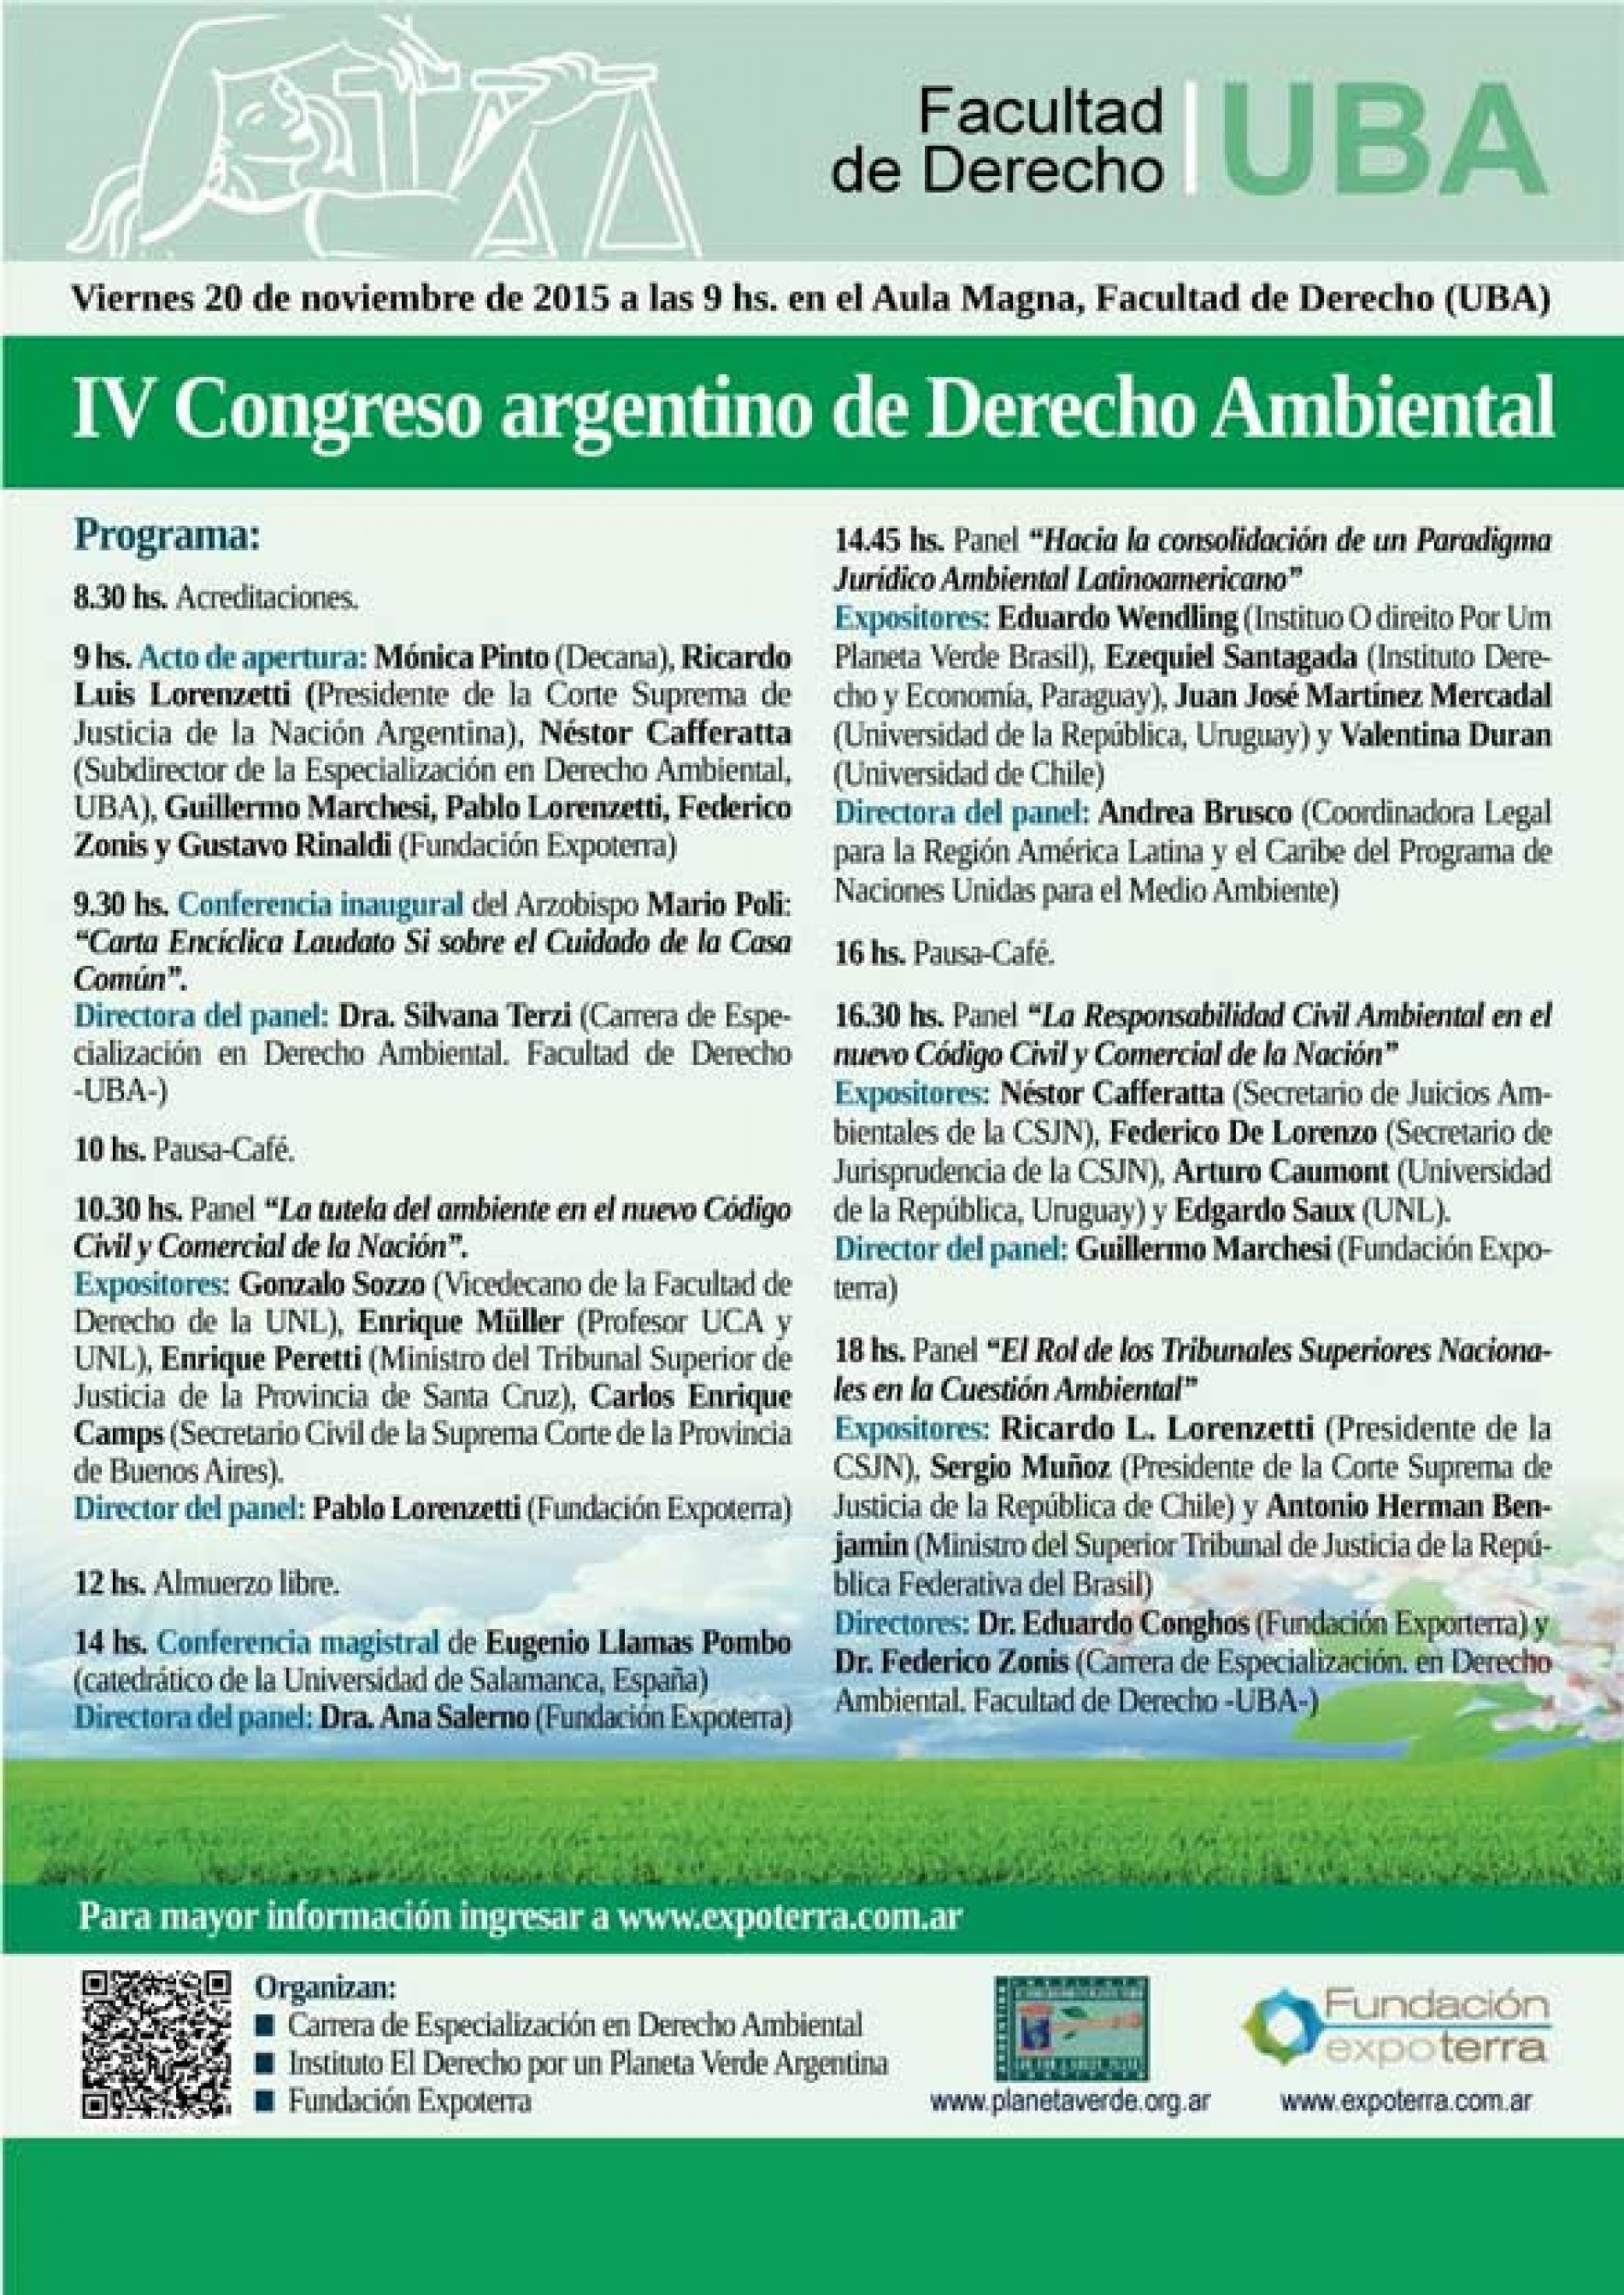 IV Congreso argentino de Derecho Ambiental